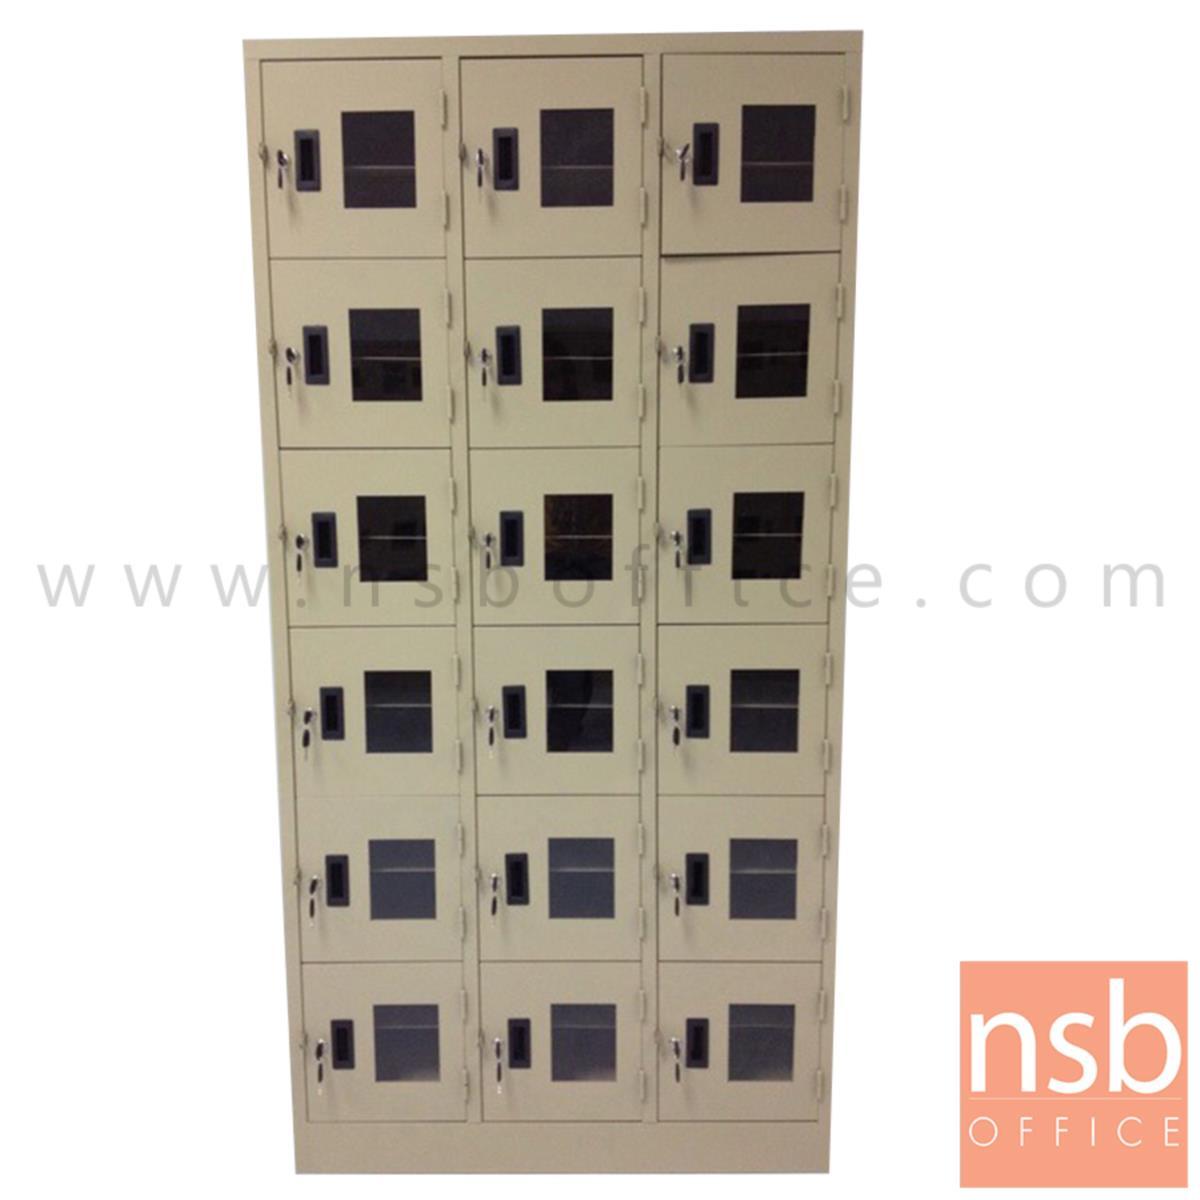 E08A062:ตู้ล็อคเกอร์เหล็กหน้าบานอะคริลิค 18 ประตู ระบบกุญล็อคพร้อมสายยูคล้องกุญแจ